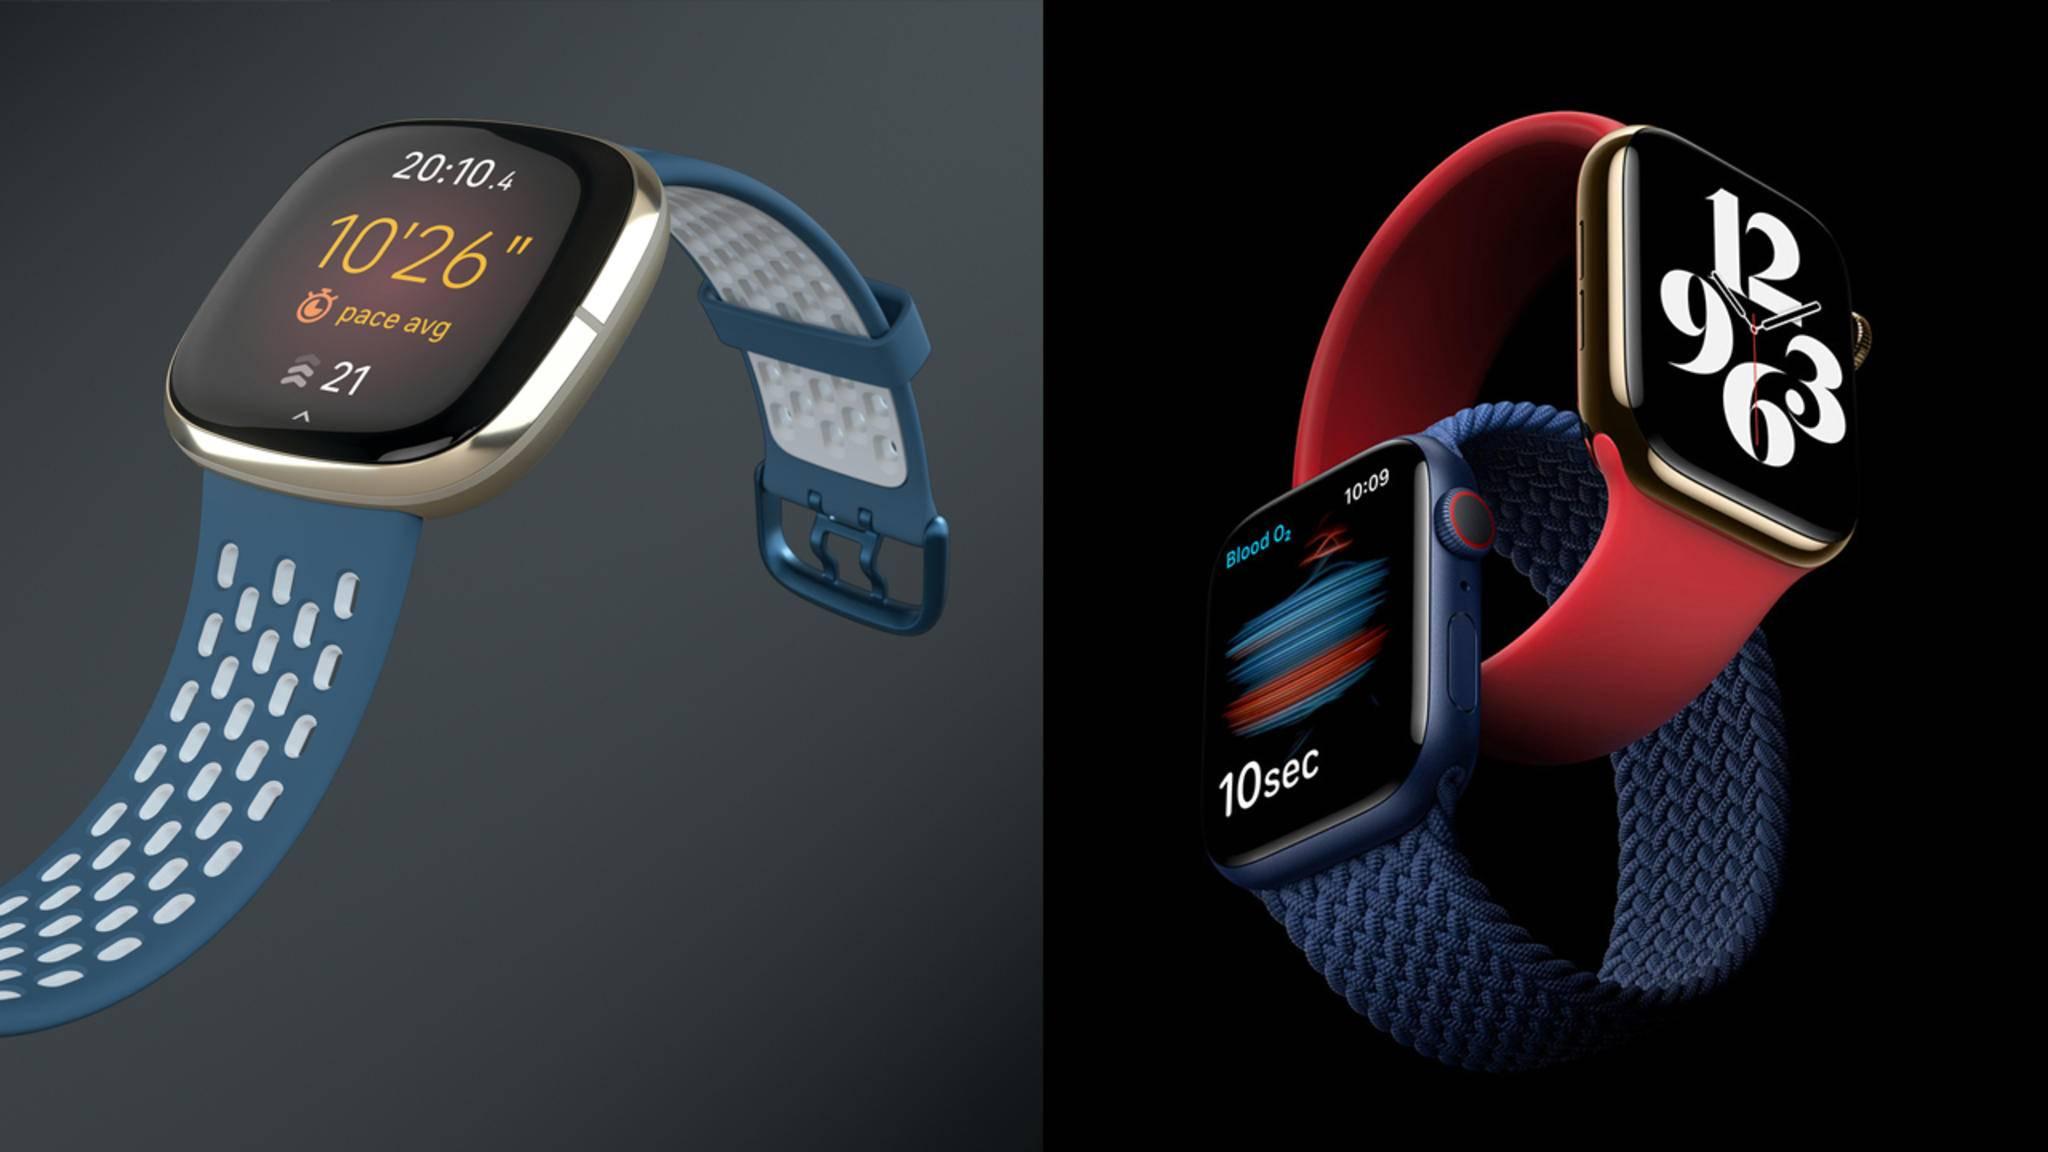 Die Sense (links) ist Fitbits Antwort auf die Apple Watch (rechts: Apple Watch Series 6 und SE).